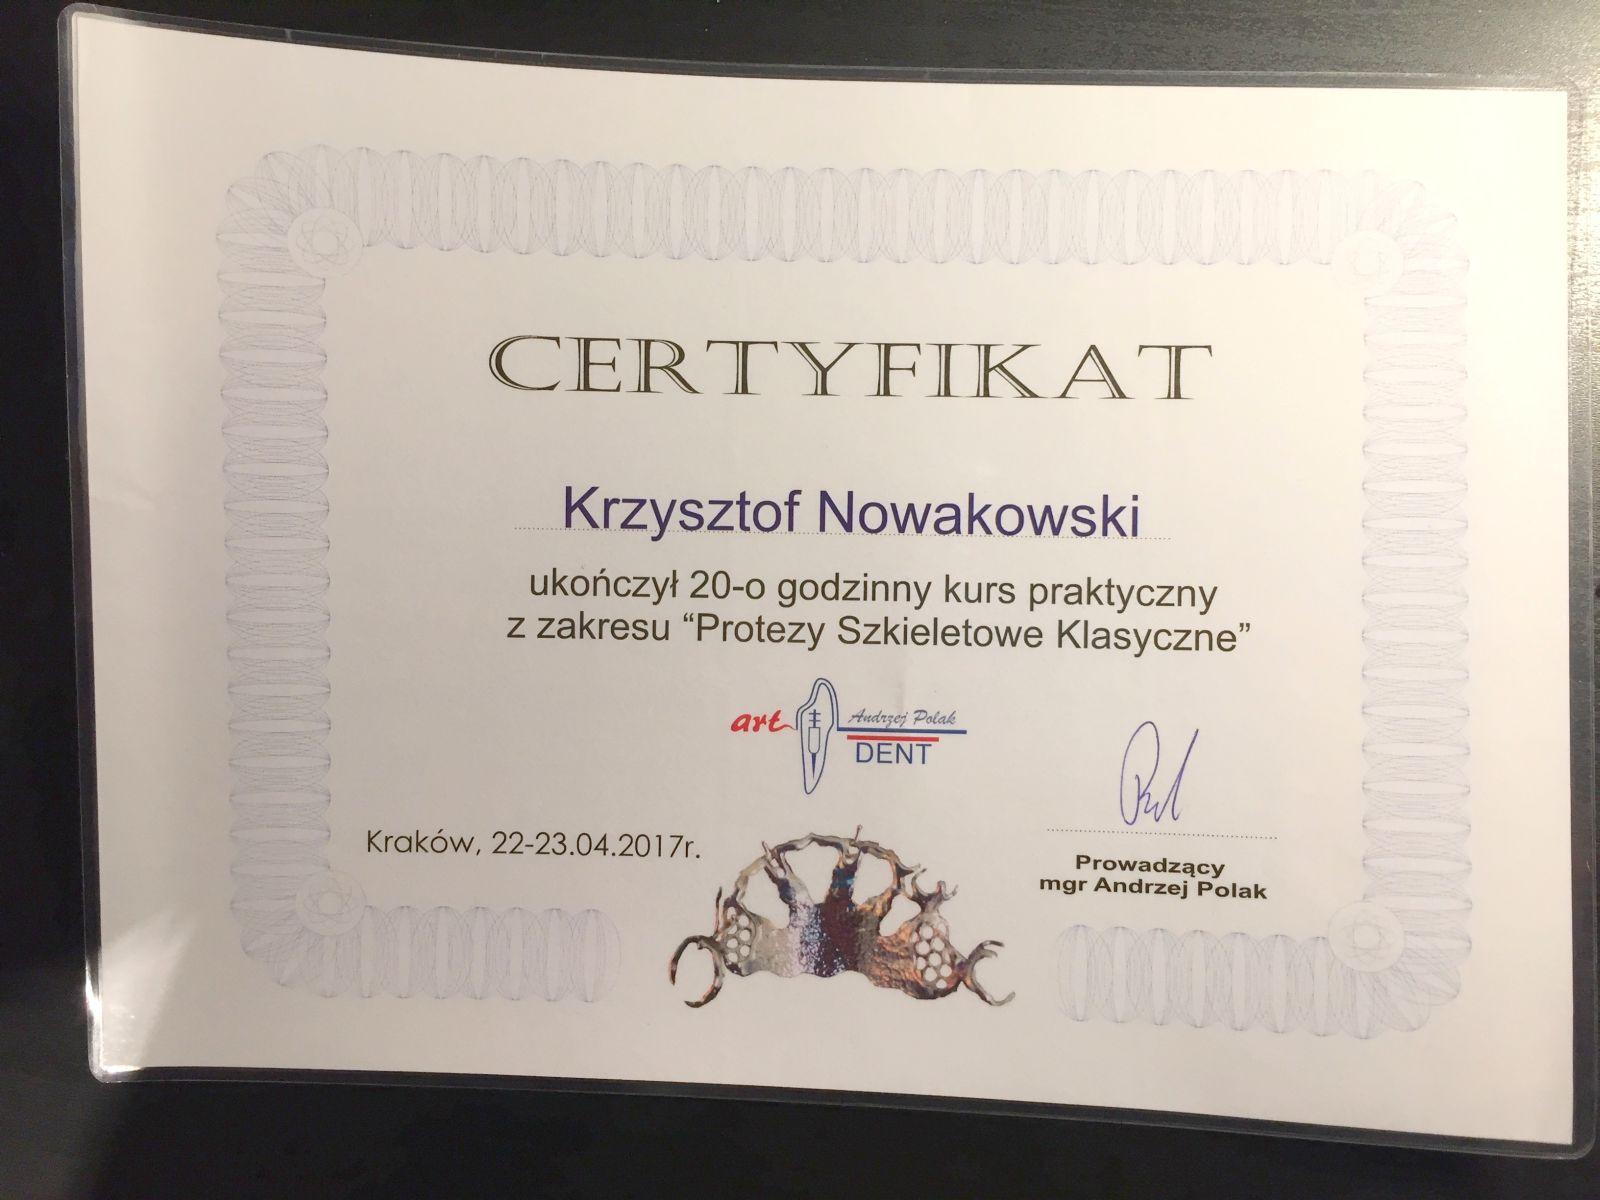 Protezy szkieletowe certyfikat - Krzysztof Nowakowski